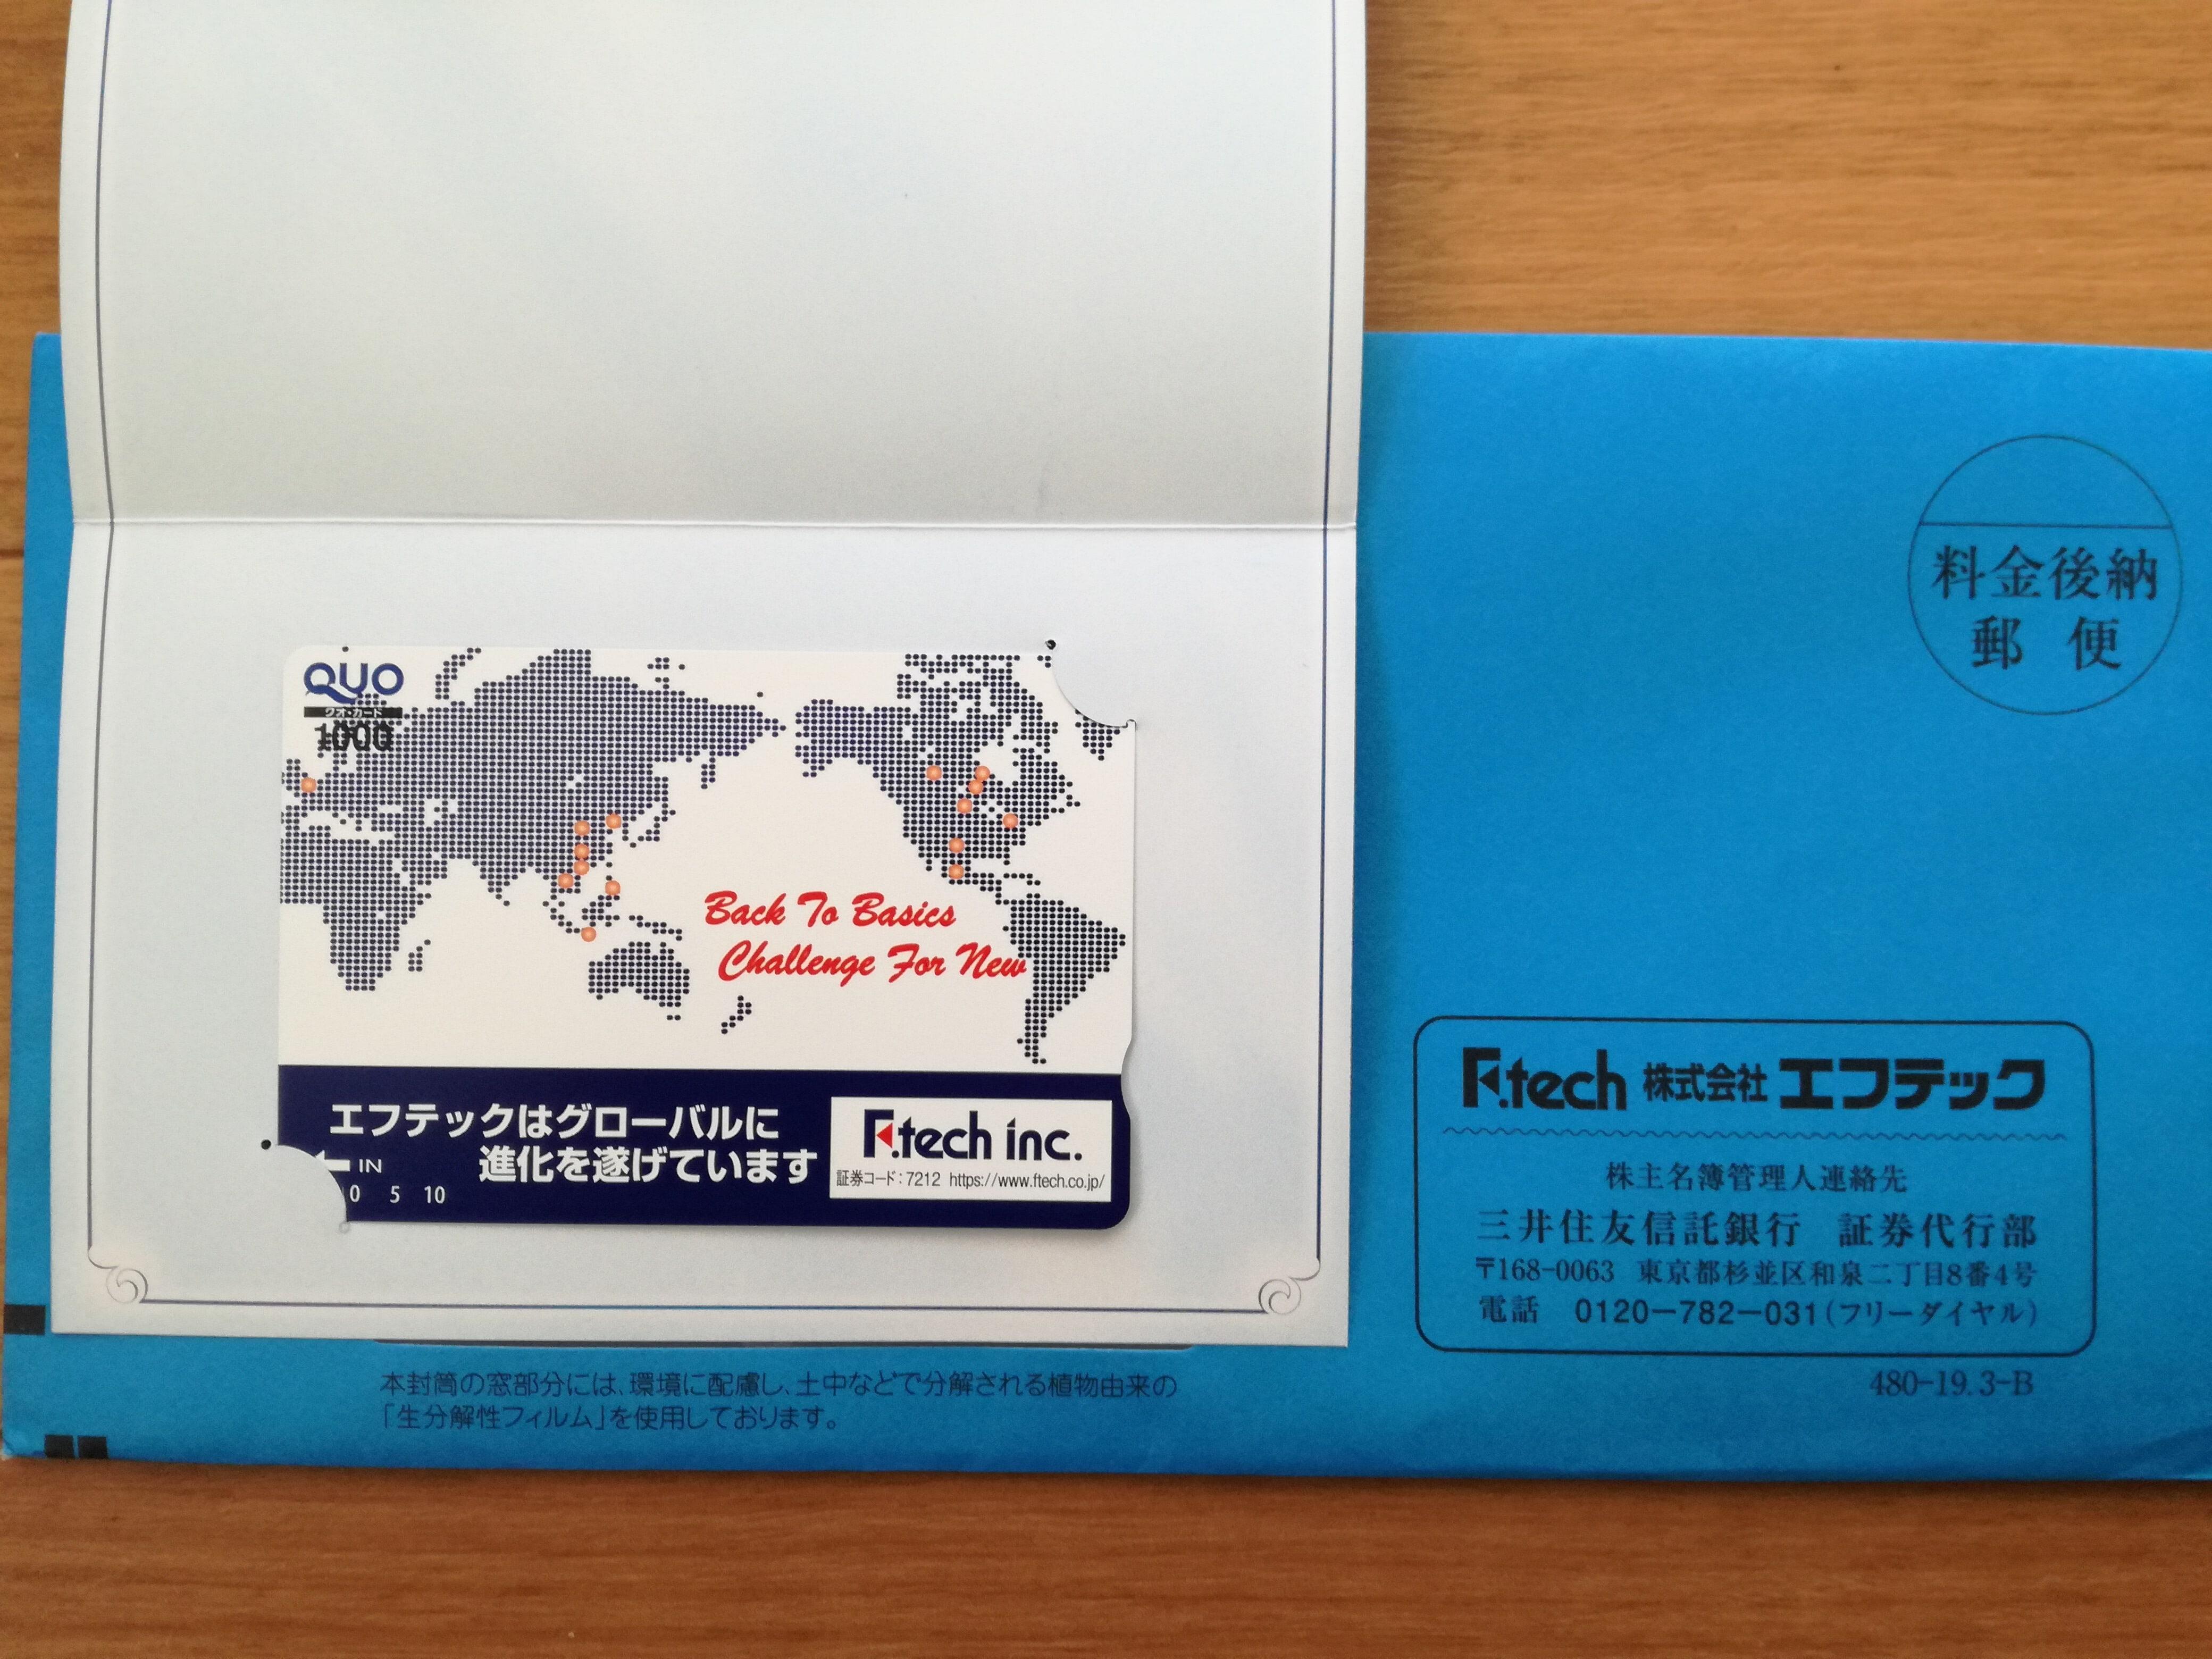 含み損6万円超のエフテック(7212)から株主優待クオカード1,000円分が到着!